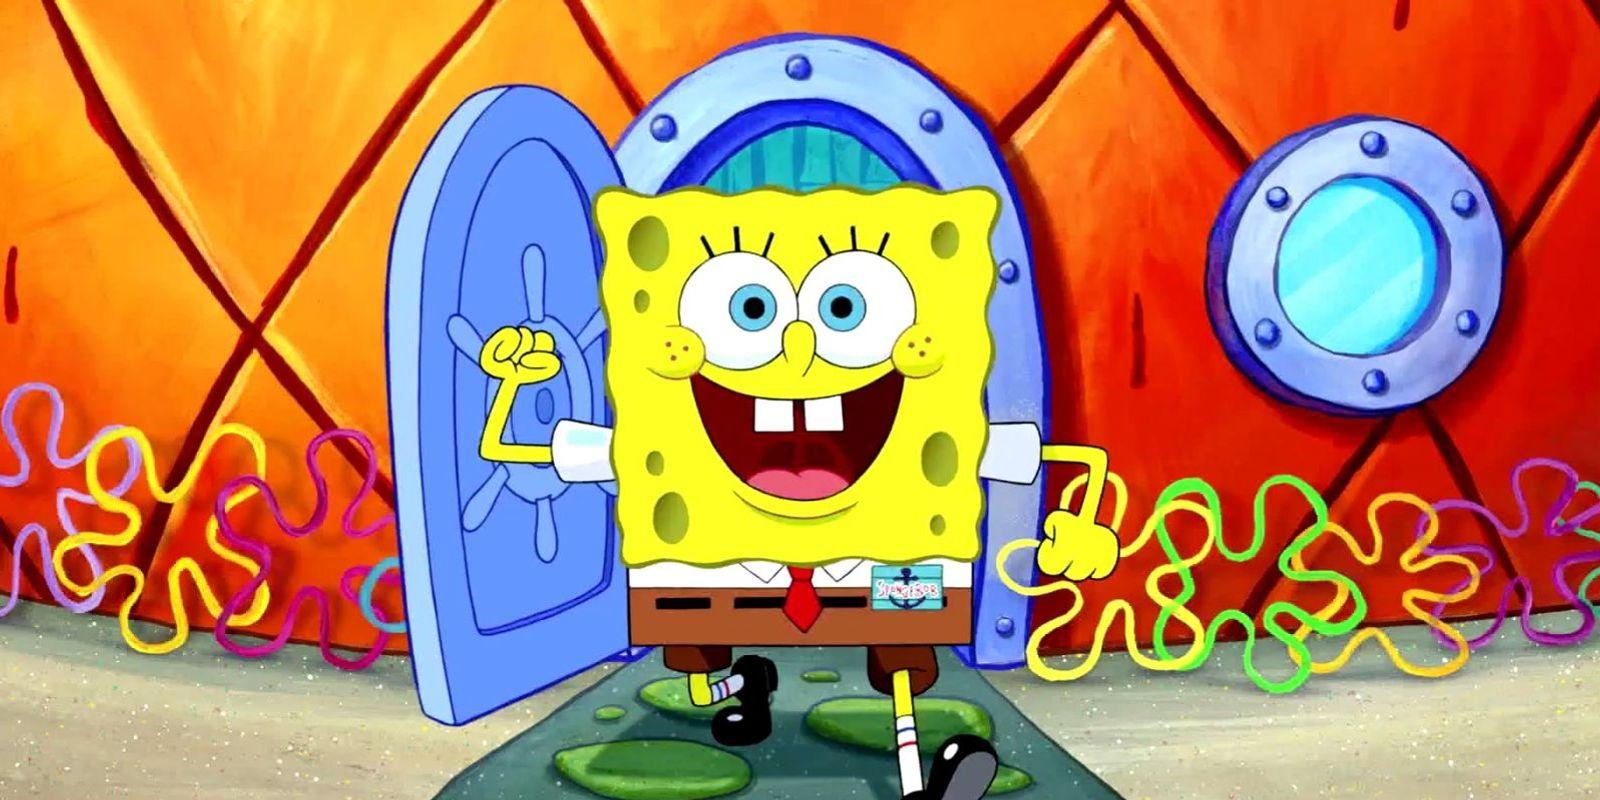 nhân vật spongebob trong top 50 nhân vật hoạt hình